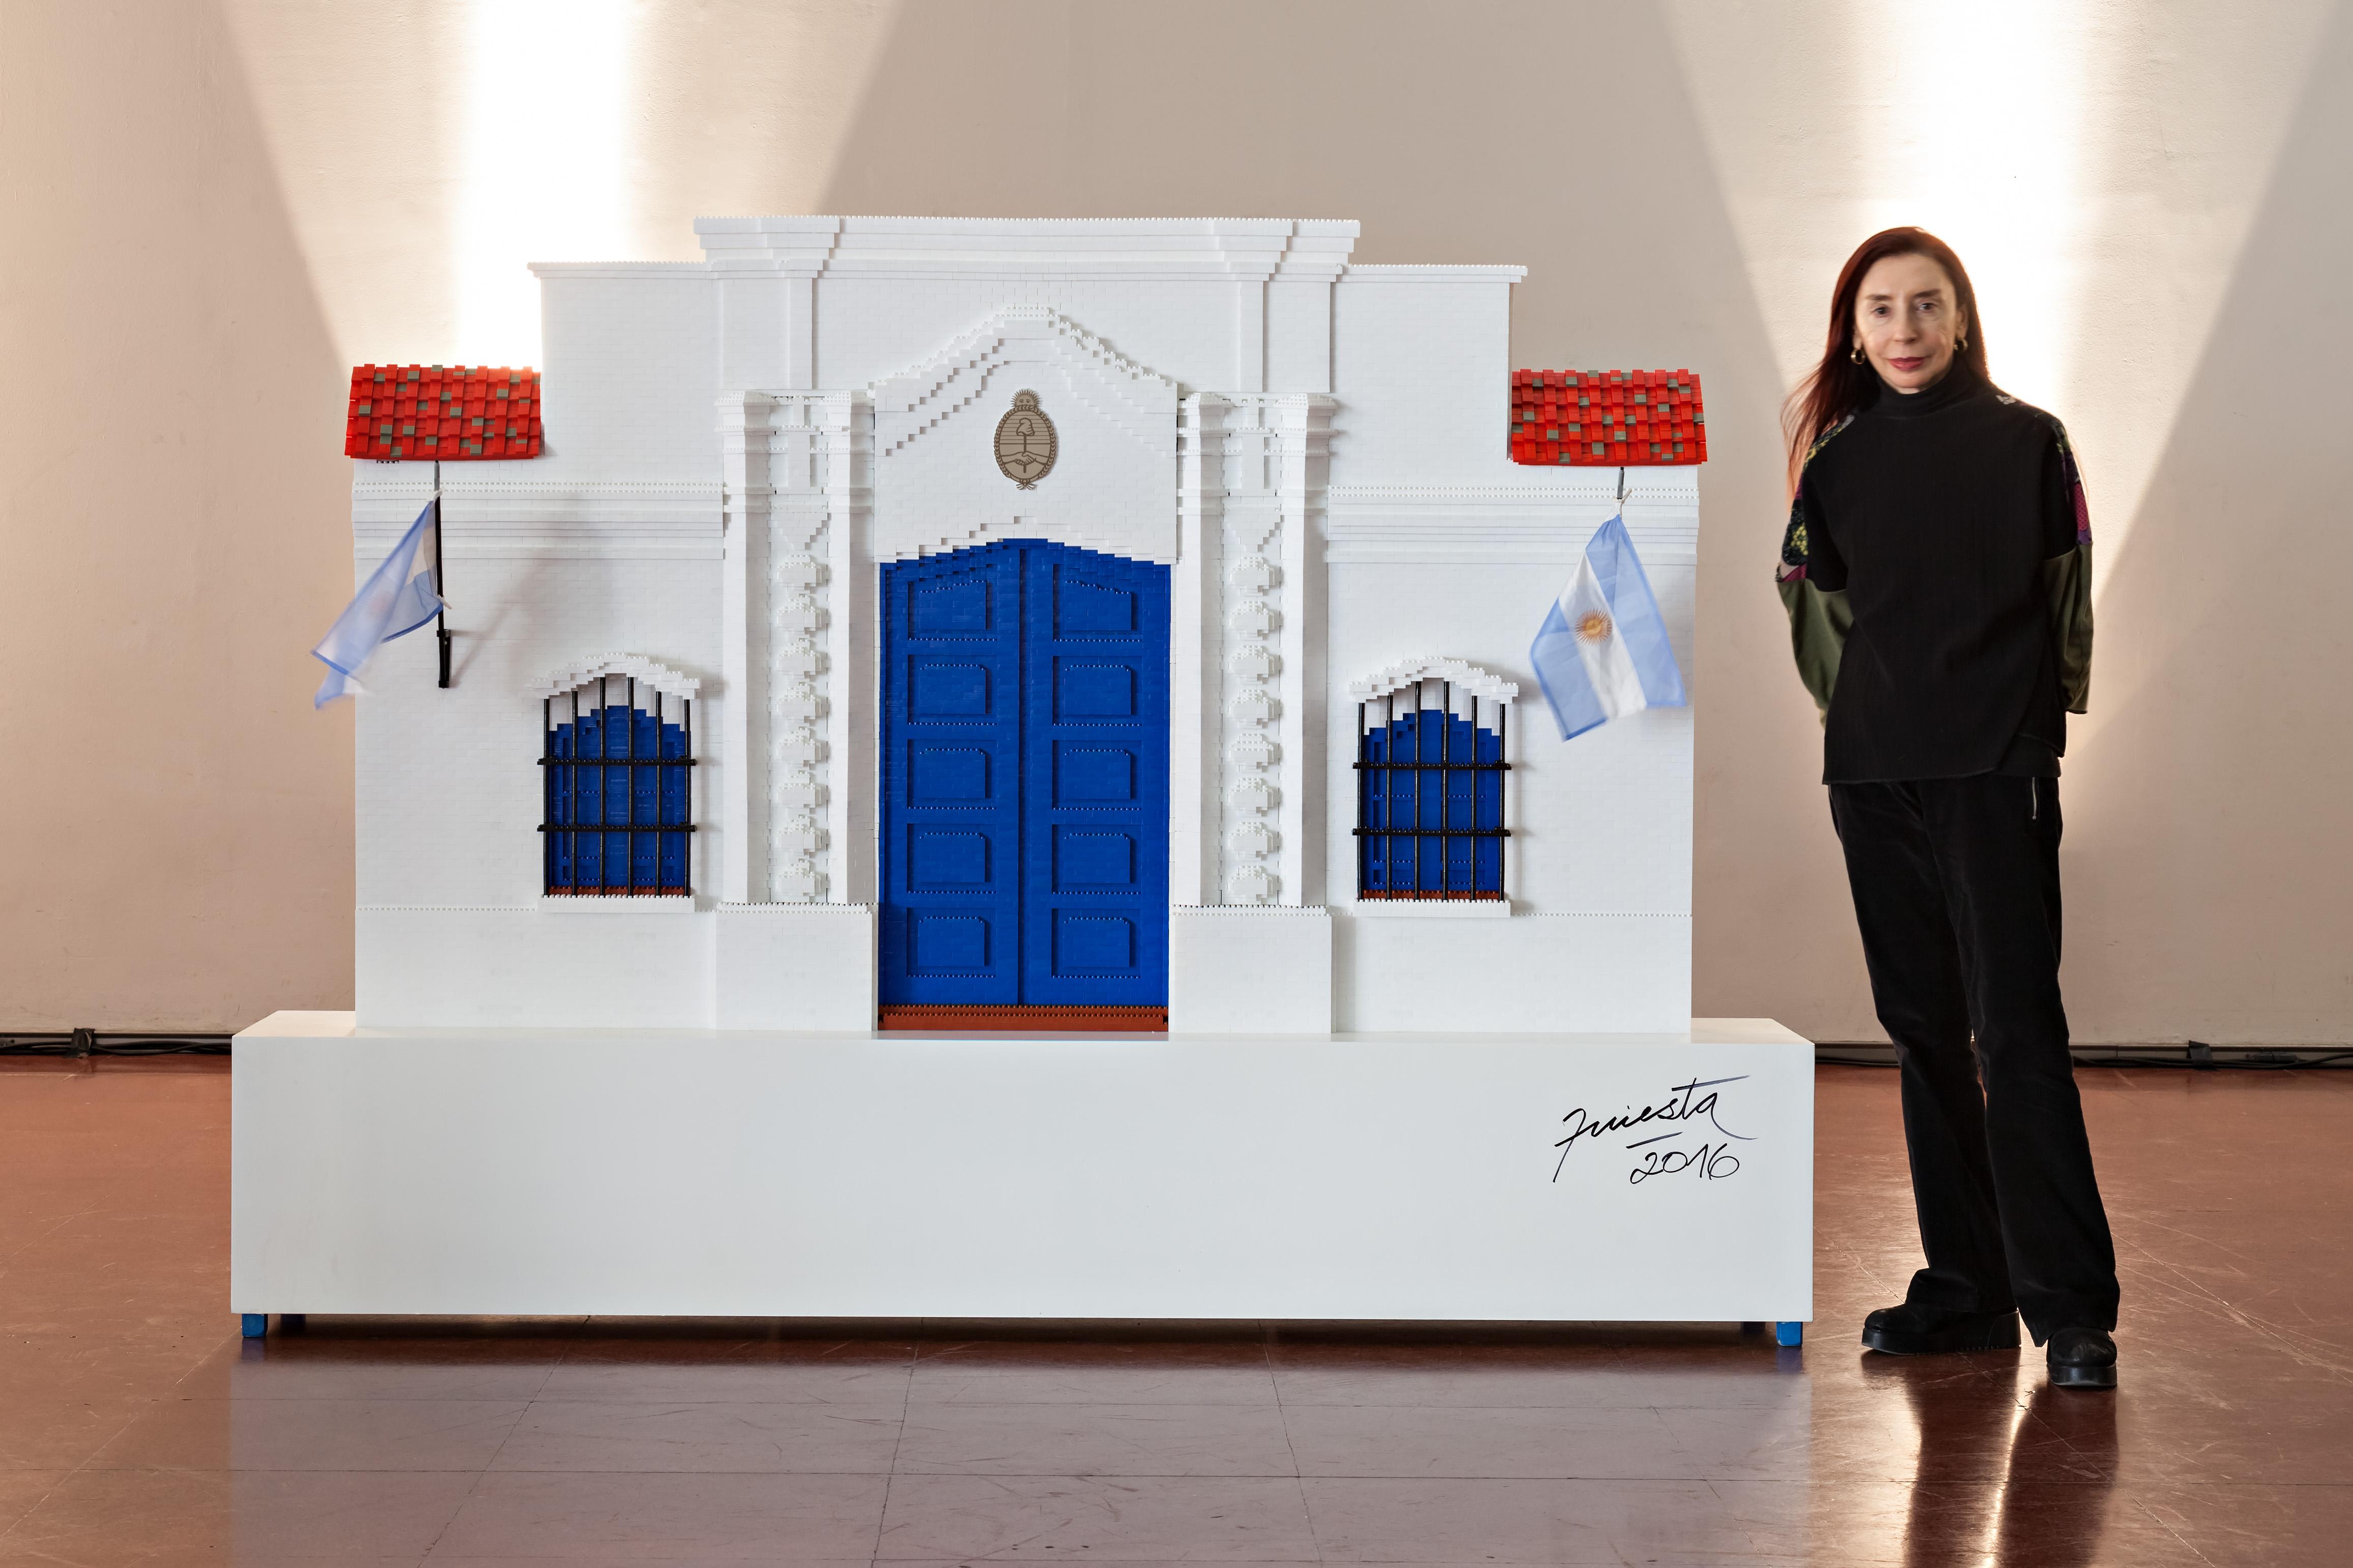 Casa de Tucumán, objetos ensamblados piezas Rasti, 165 cm x 250 cm x 40 cm, 2017